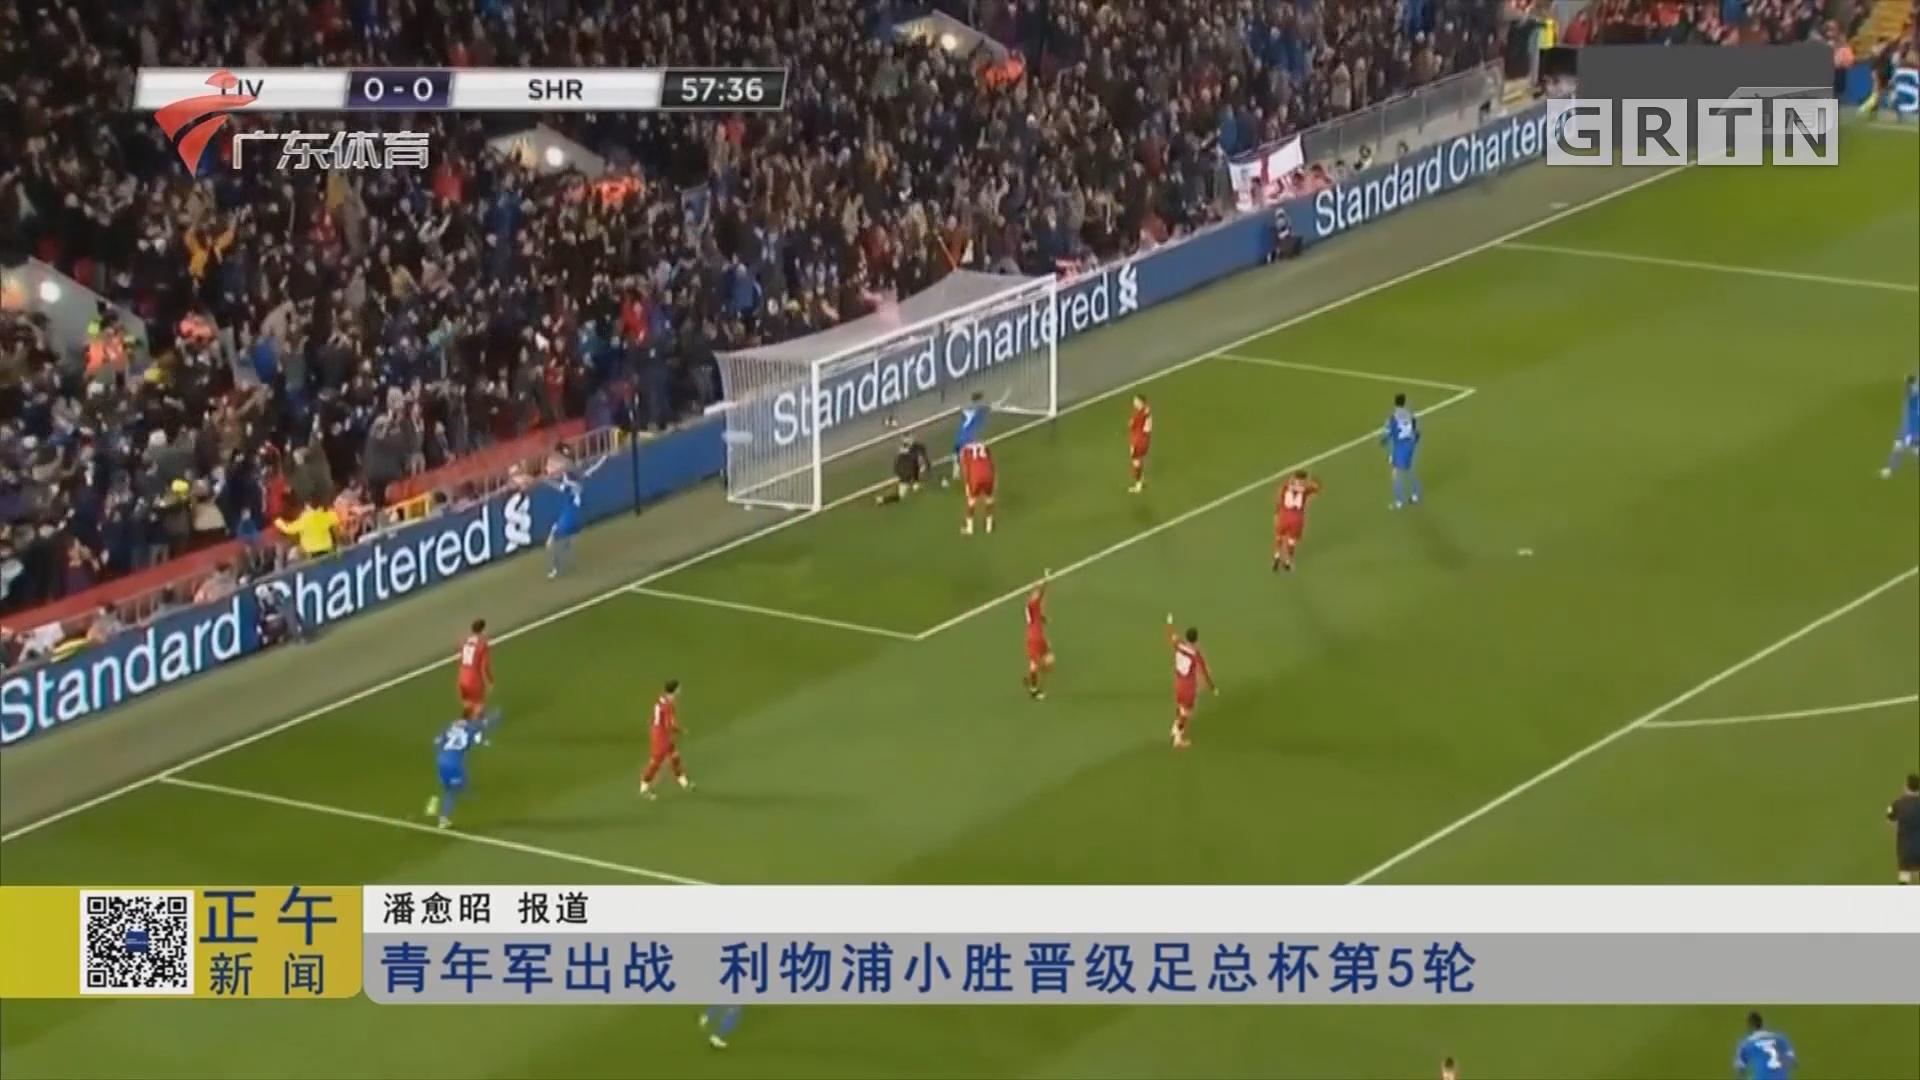 青年军出战 利物浦小胜晋级足总杯第5轮